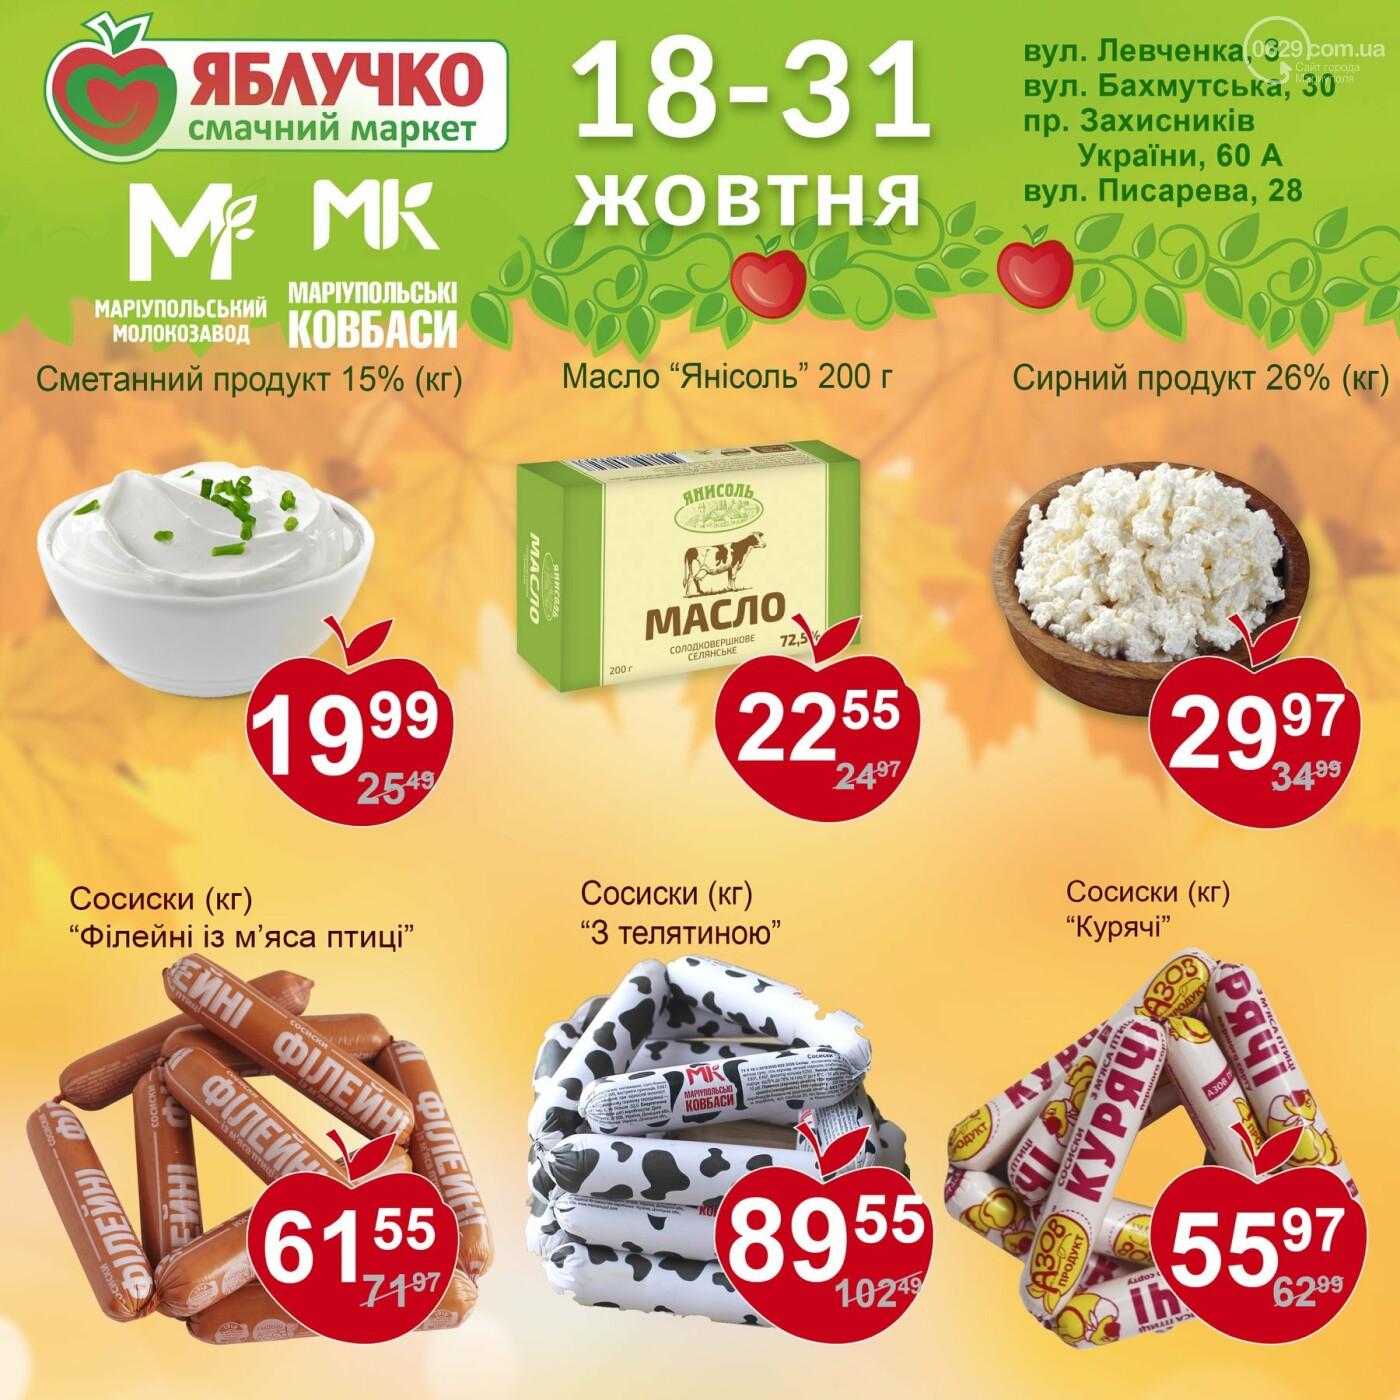 Ко Дню пищевика Мариупольский молокозавод дарит 1000 гривен  , фото-9